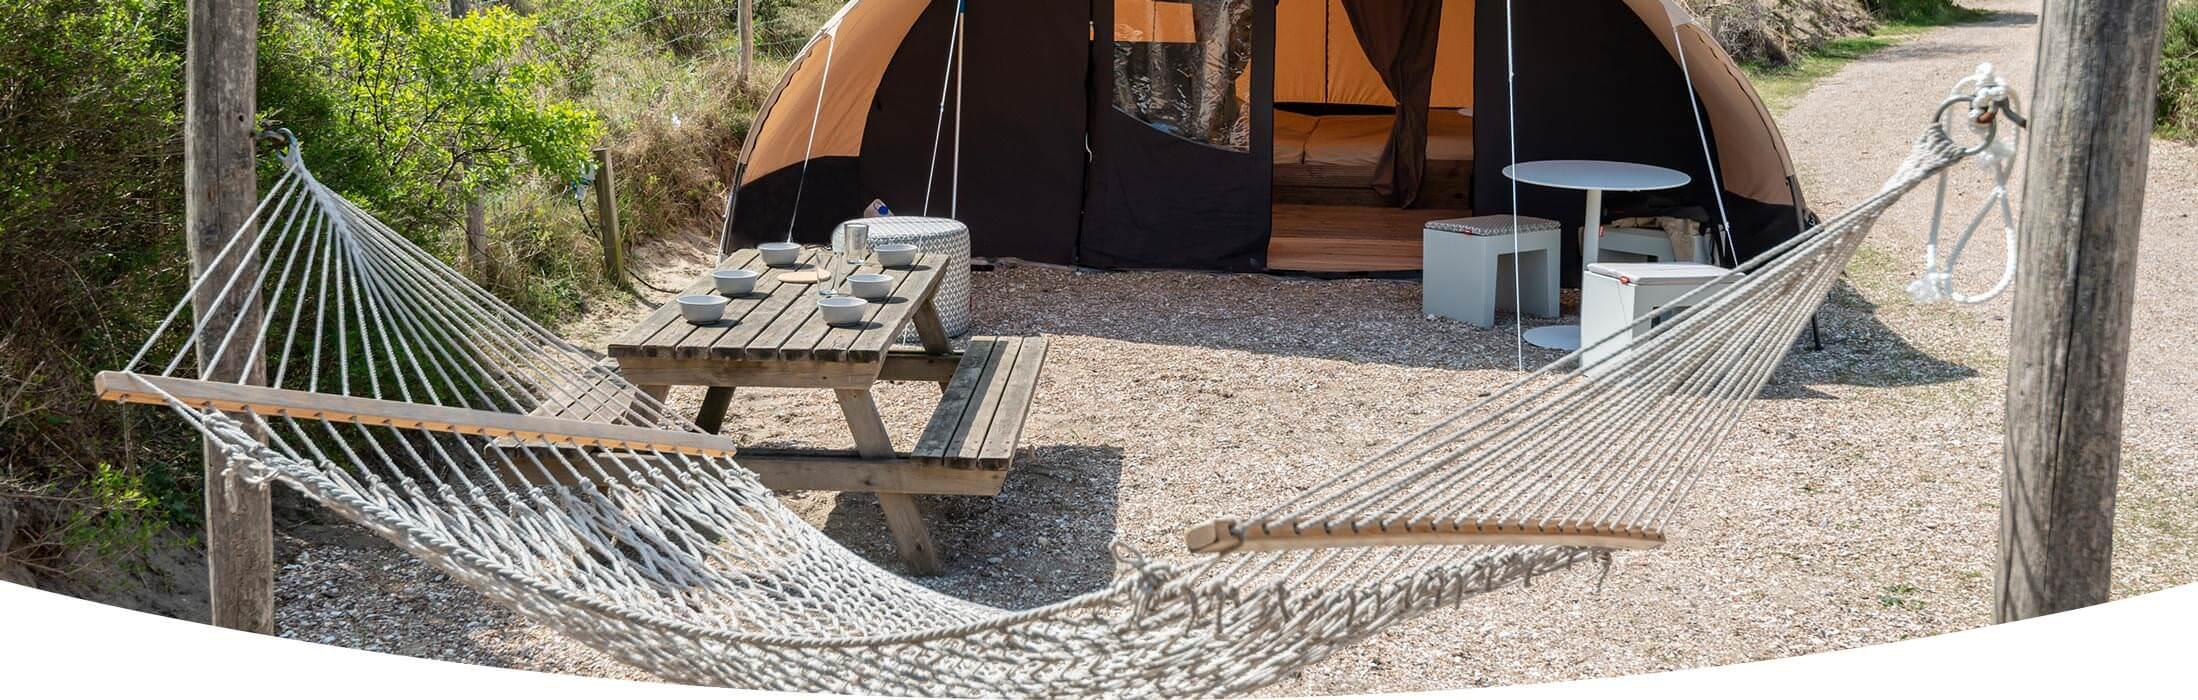 Hangmatten voor vakantieparken